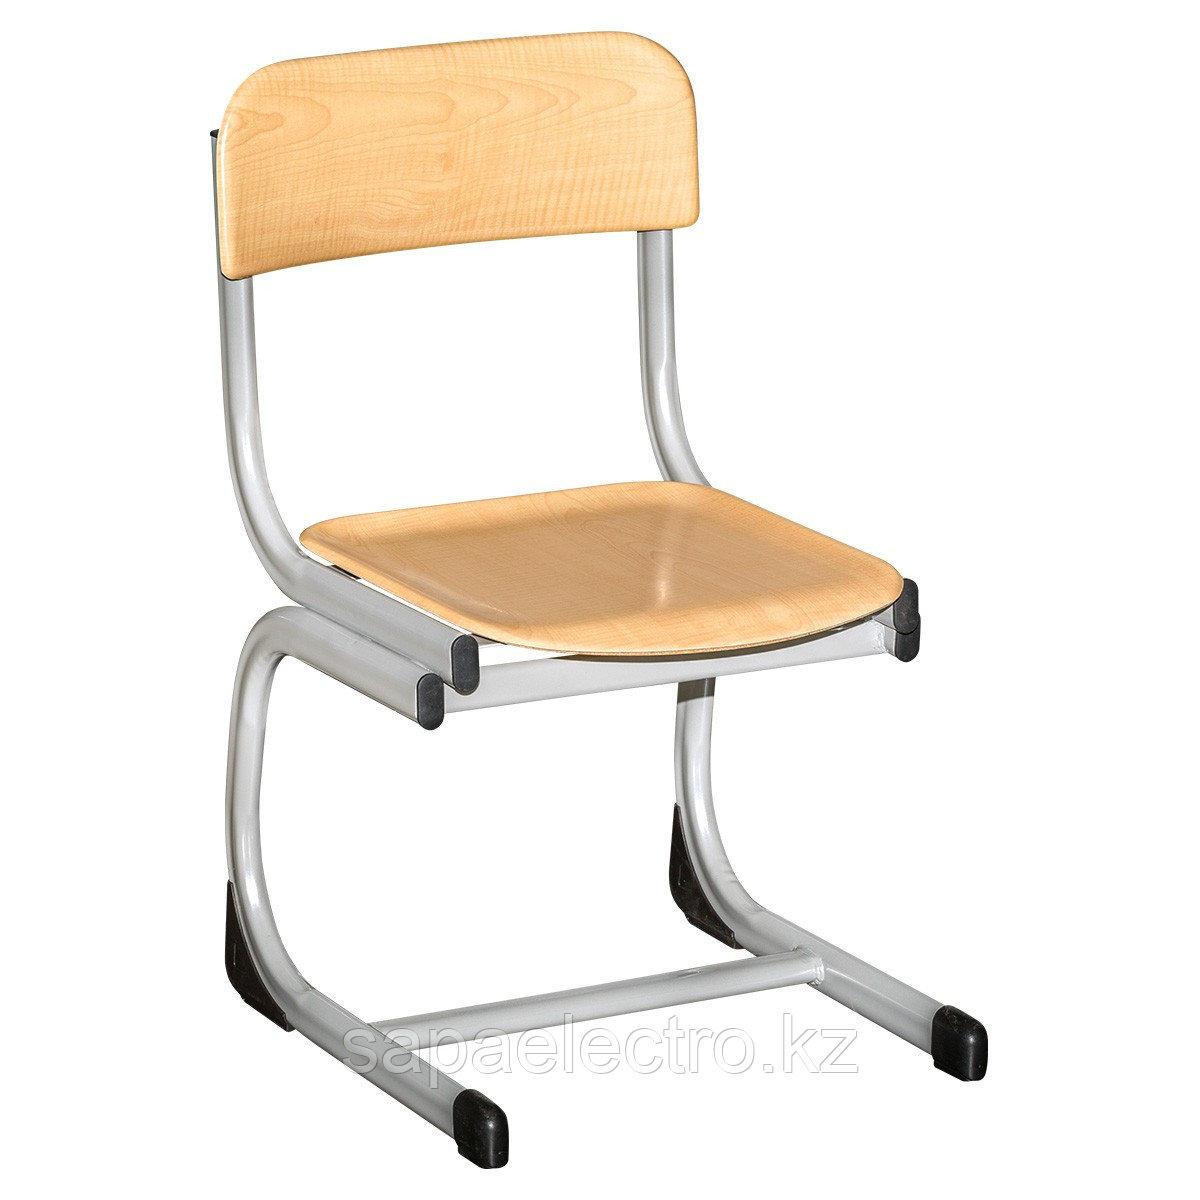 Школьные стулья 1LI (одинарные) H-340мм Модель1 MGL